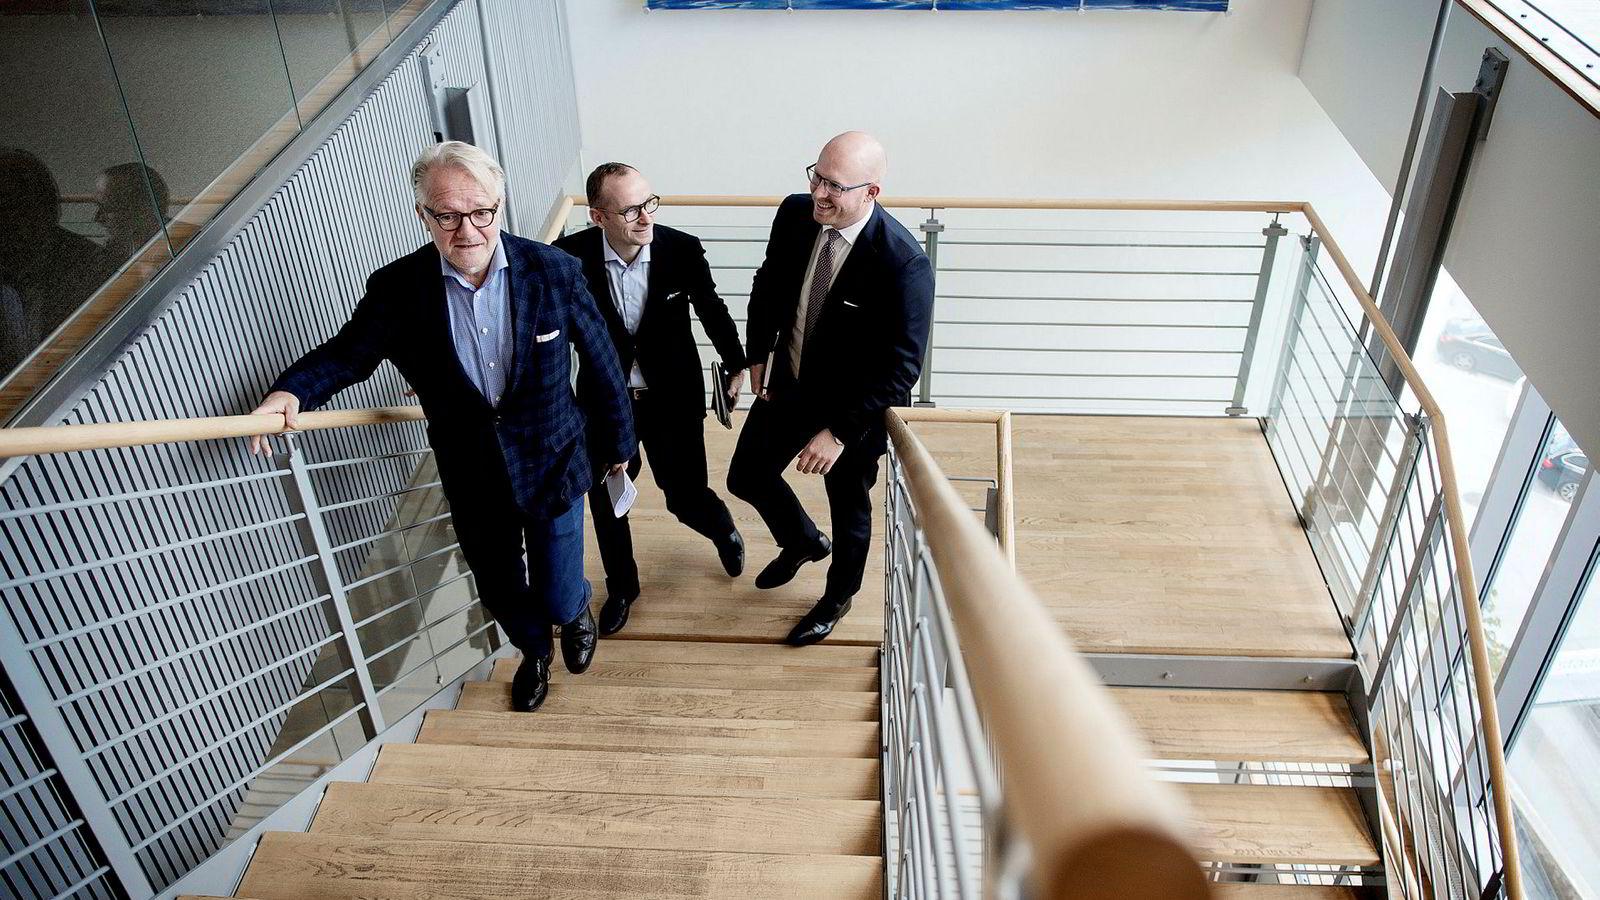 Gunnar Halvorsen i Hitecvision (fra venstre) har gjort et nytt milliardoppkjøp. Her sammen med resten av teamet, Einar Gjelsvik og Michael Robberstad.